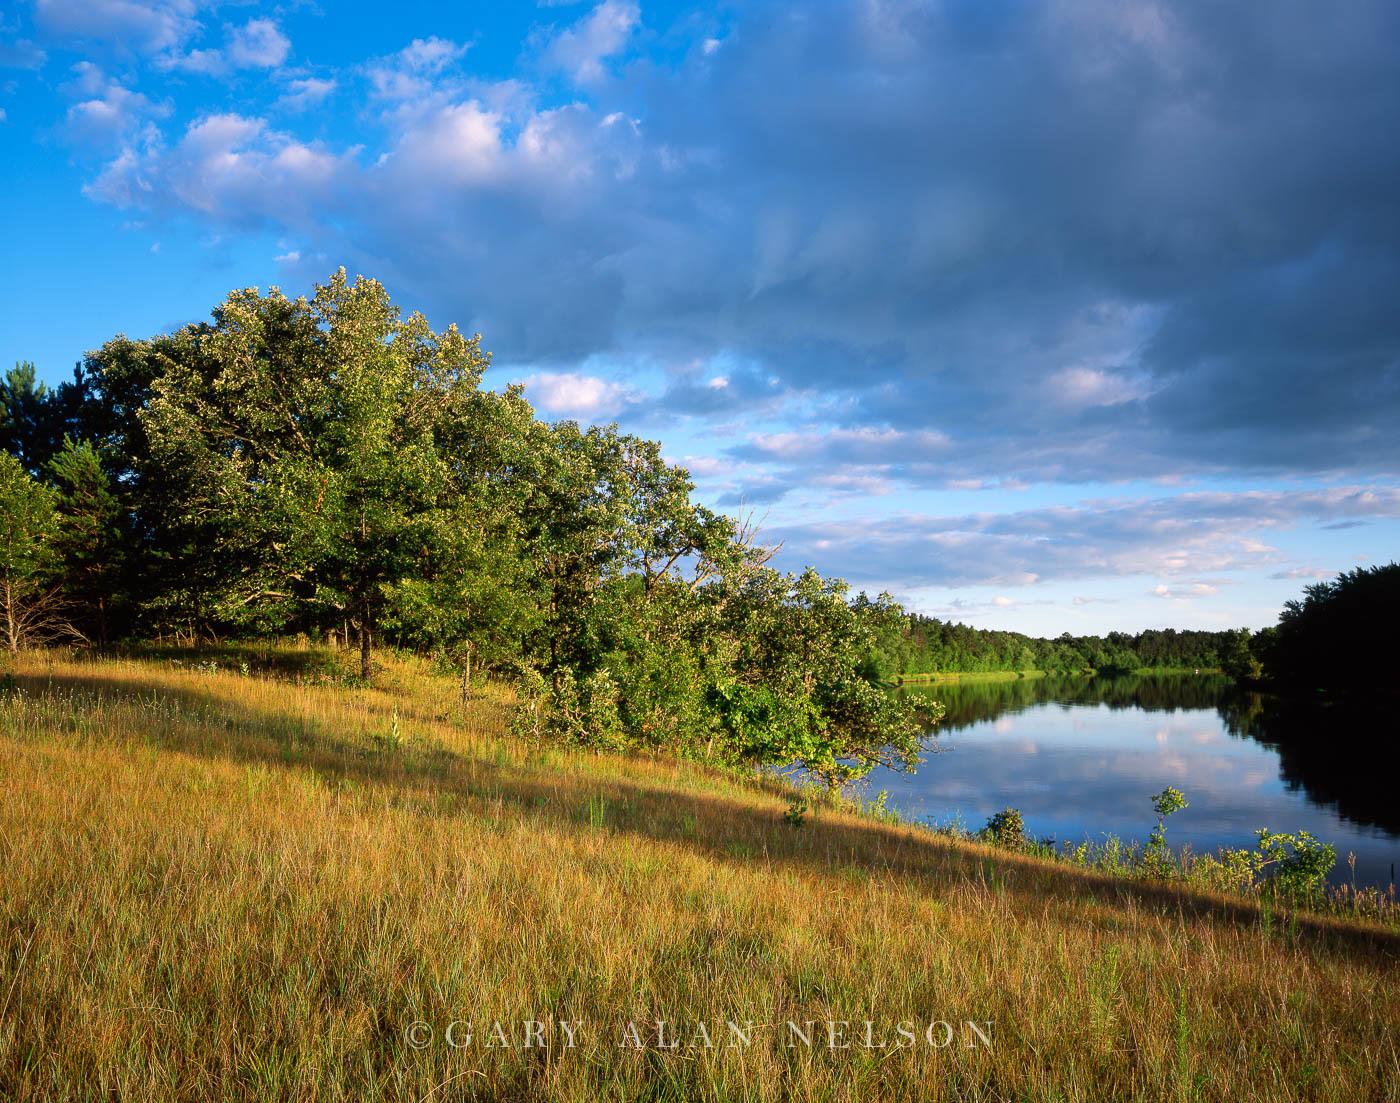 mississippi river, minnesota, river, photo